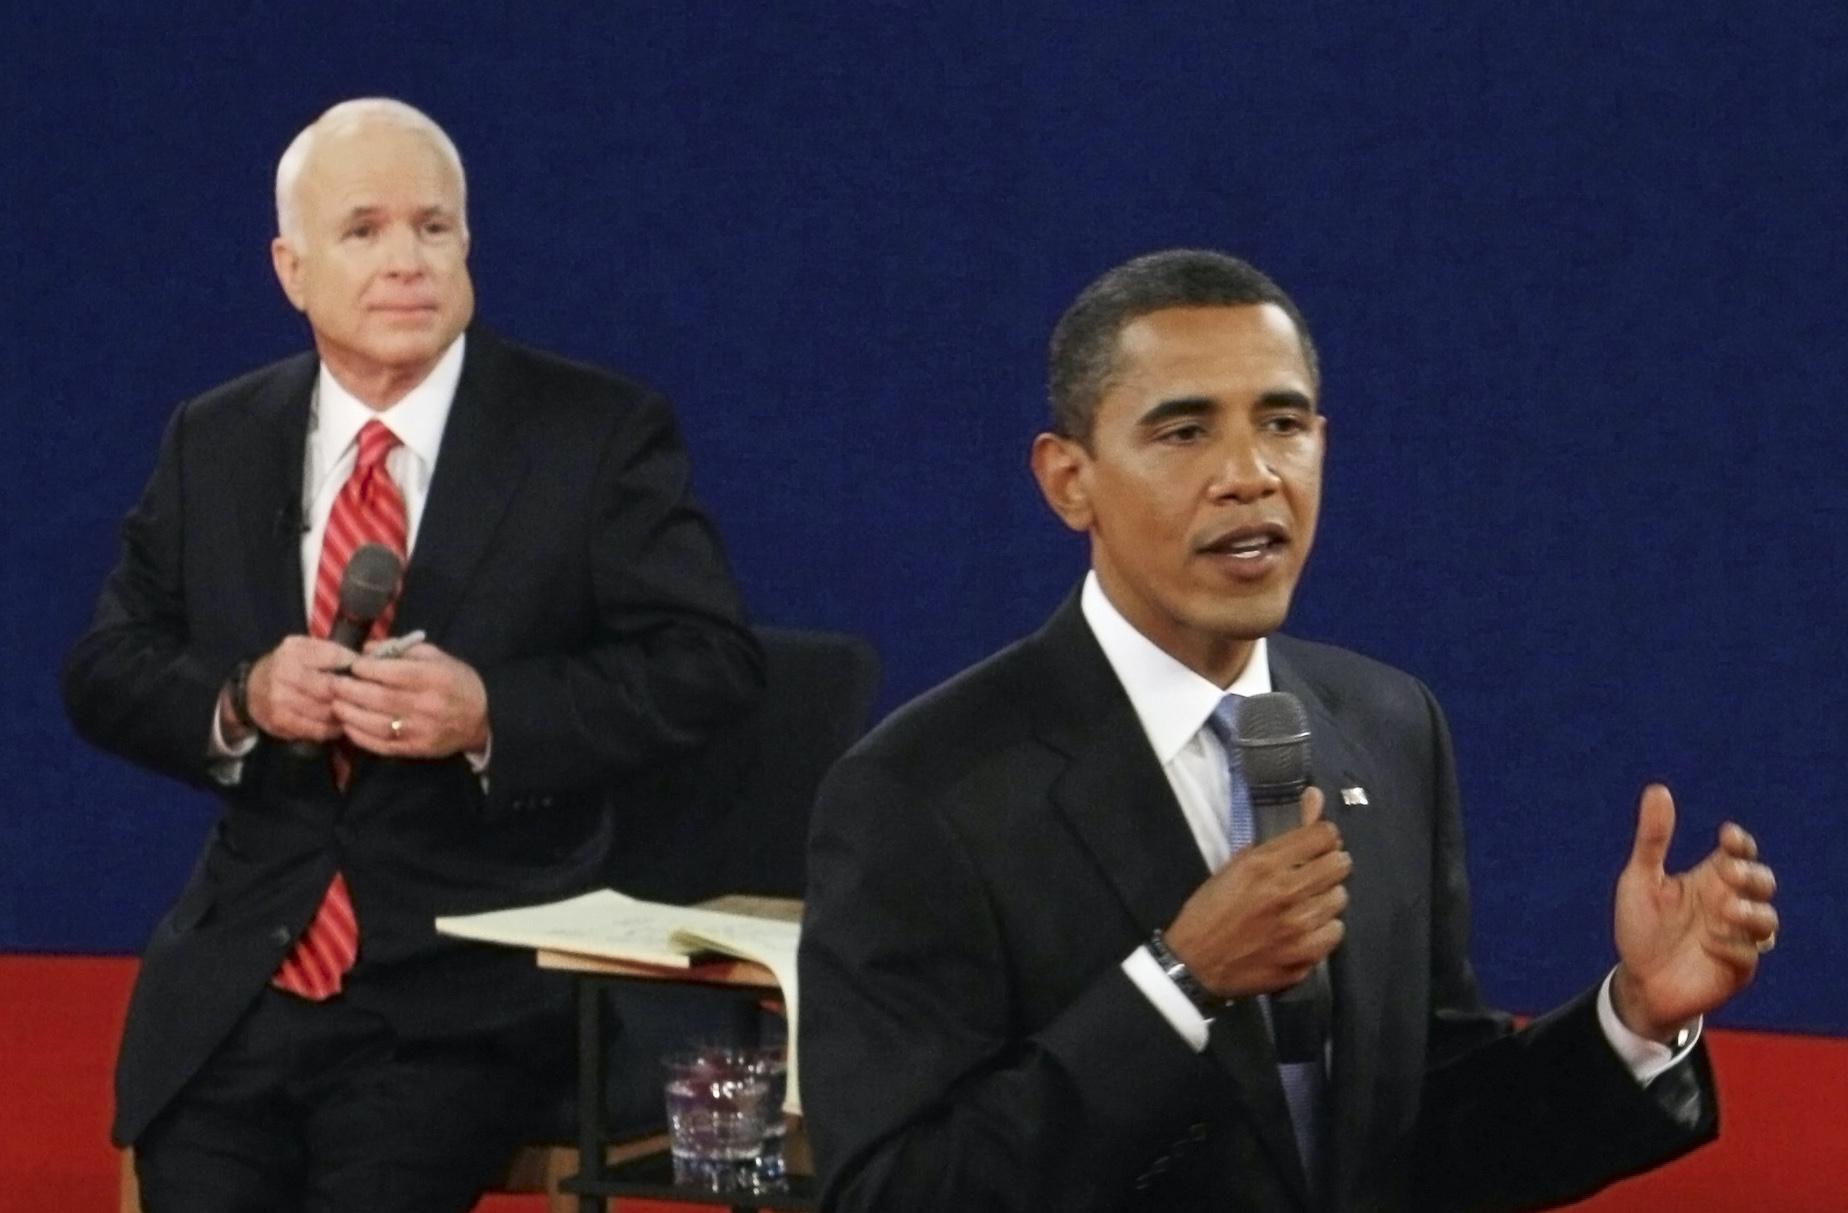 McCain vs. Obama: The second 2008 presidential debate